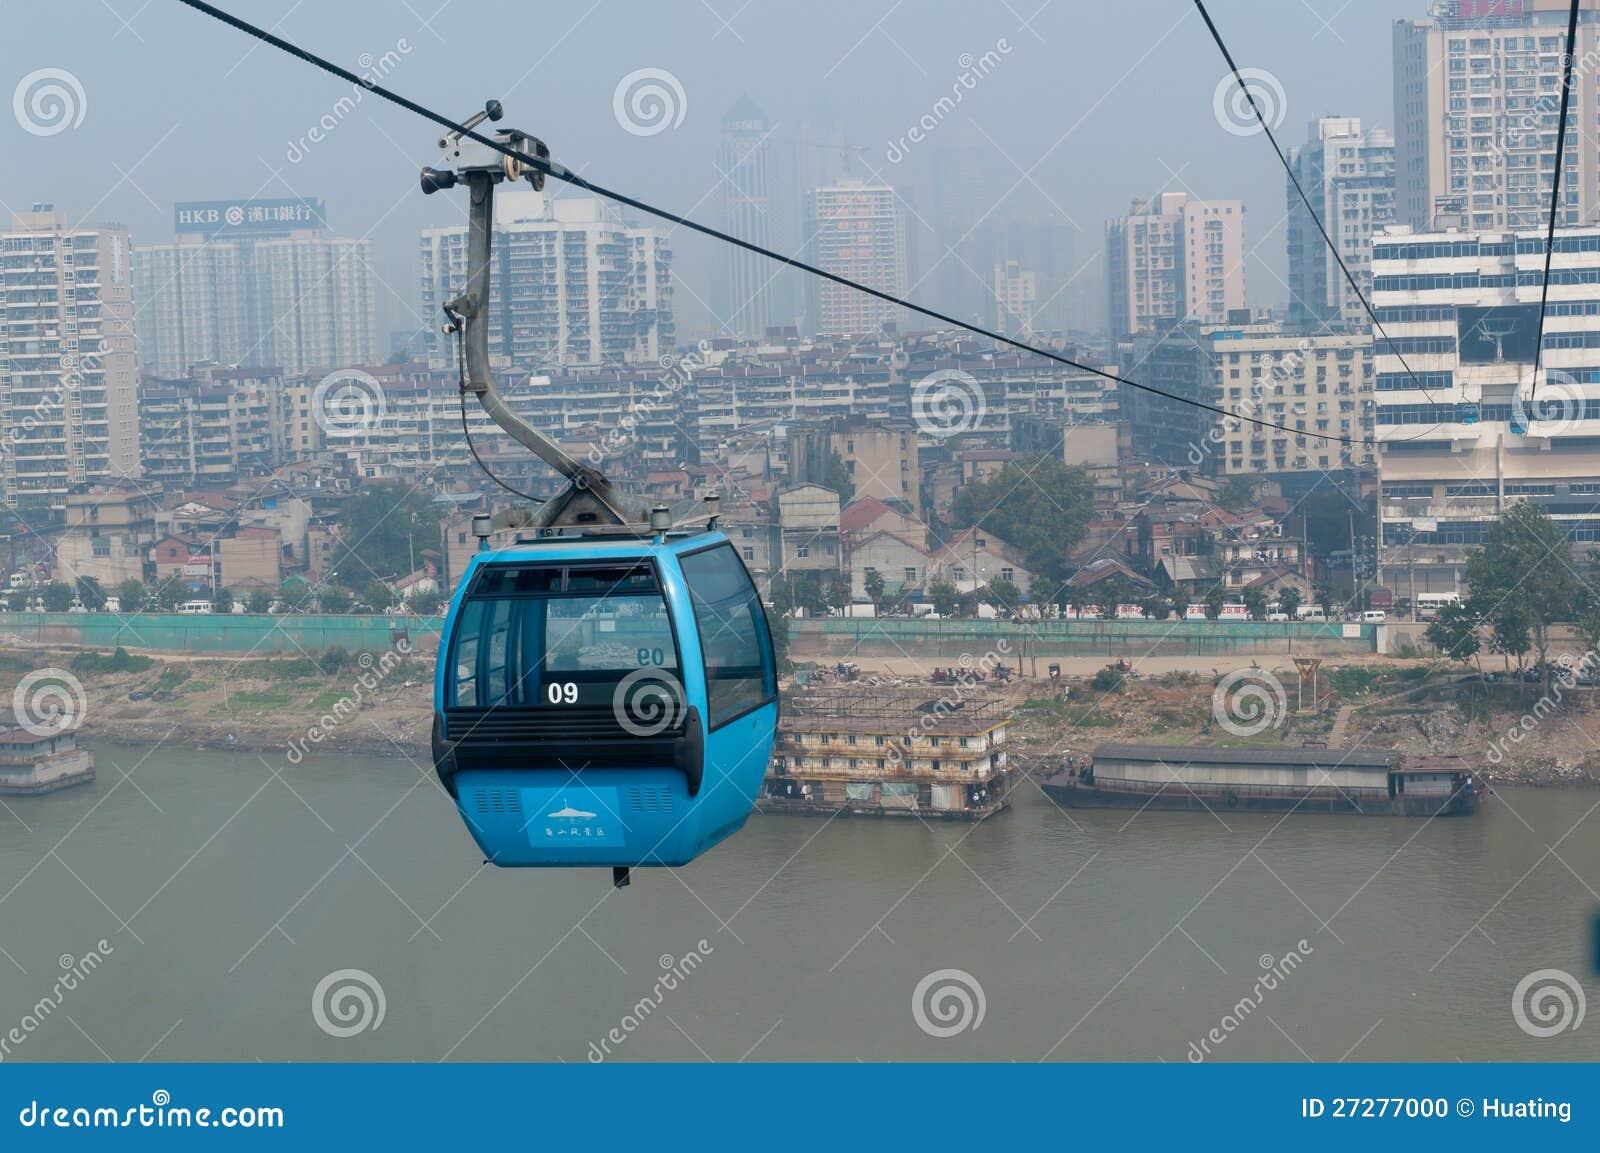 Wuhan stadsplats - kabelbil